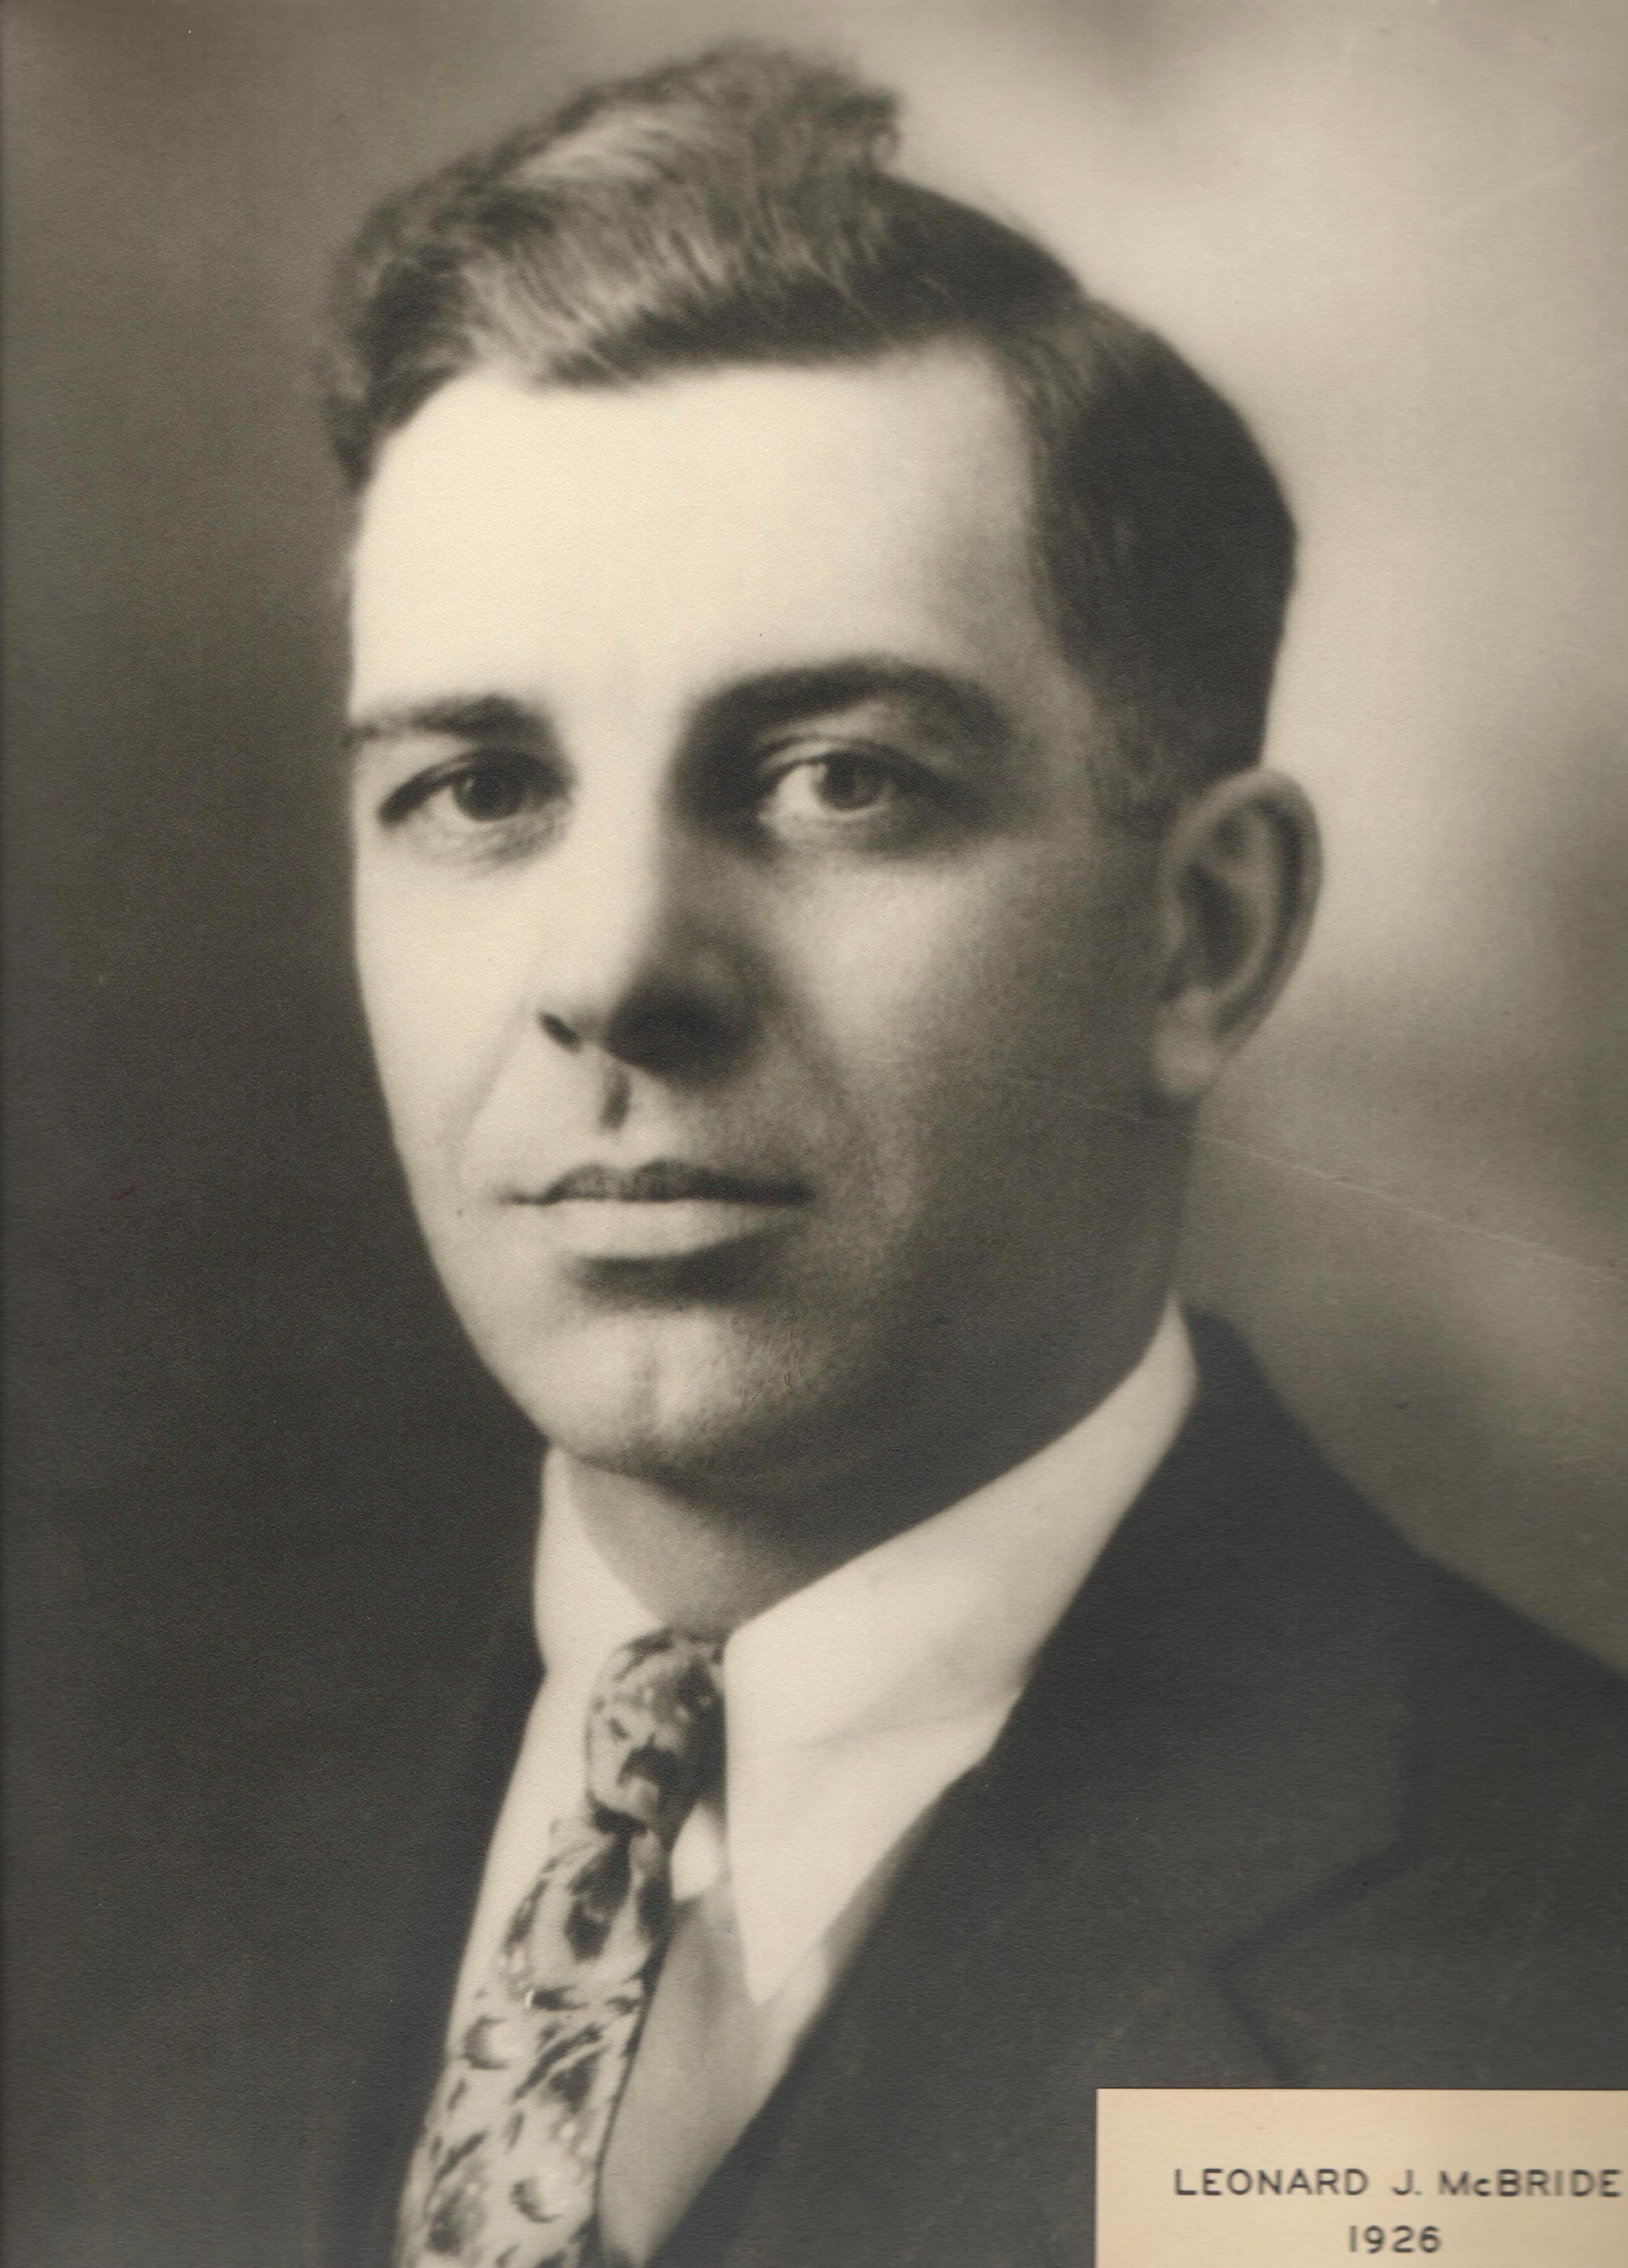 1926 Leonard J. McBride